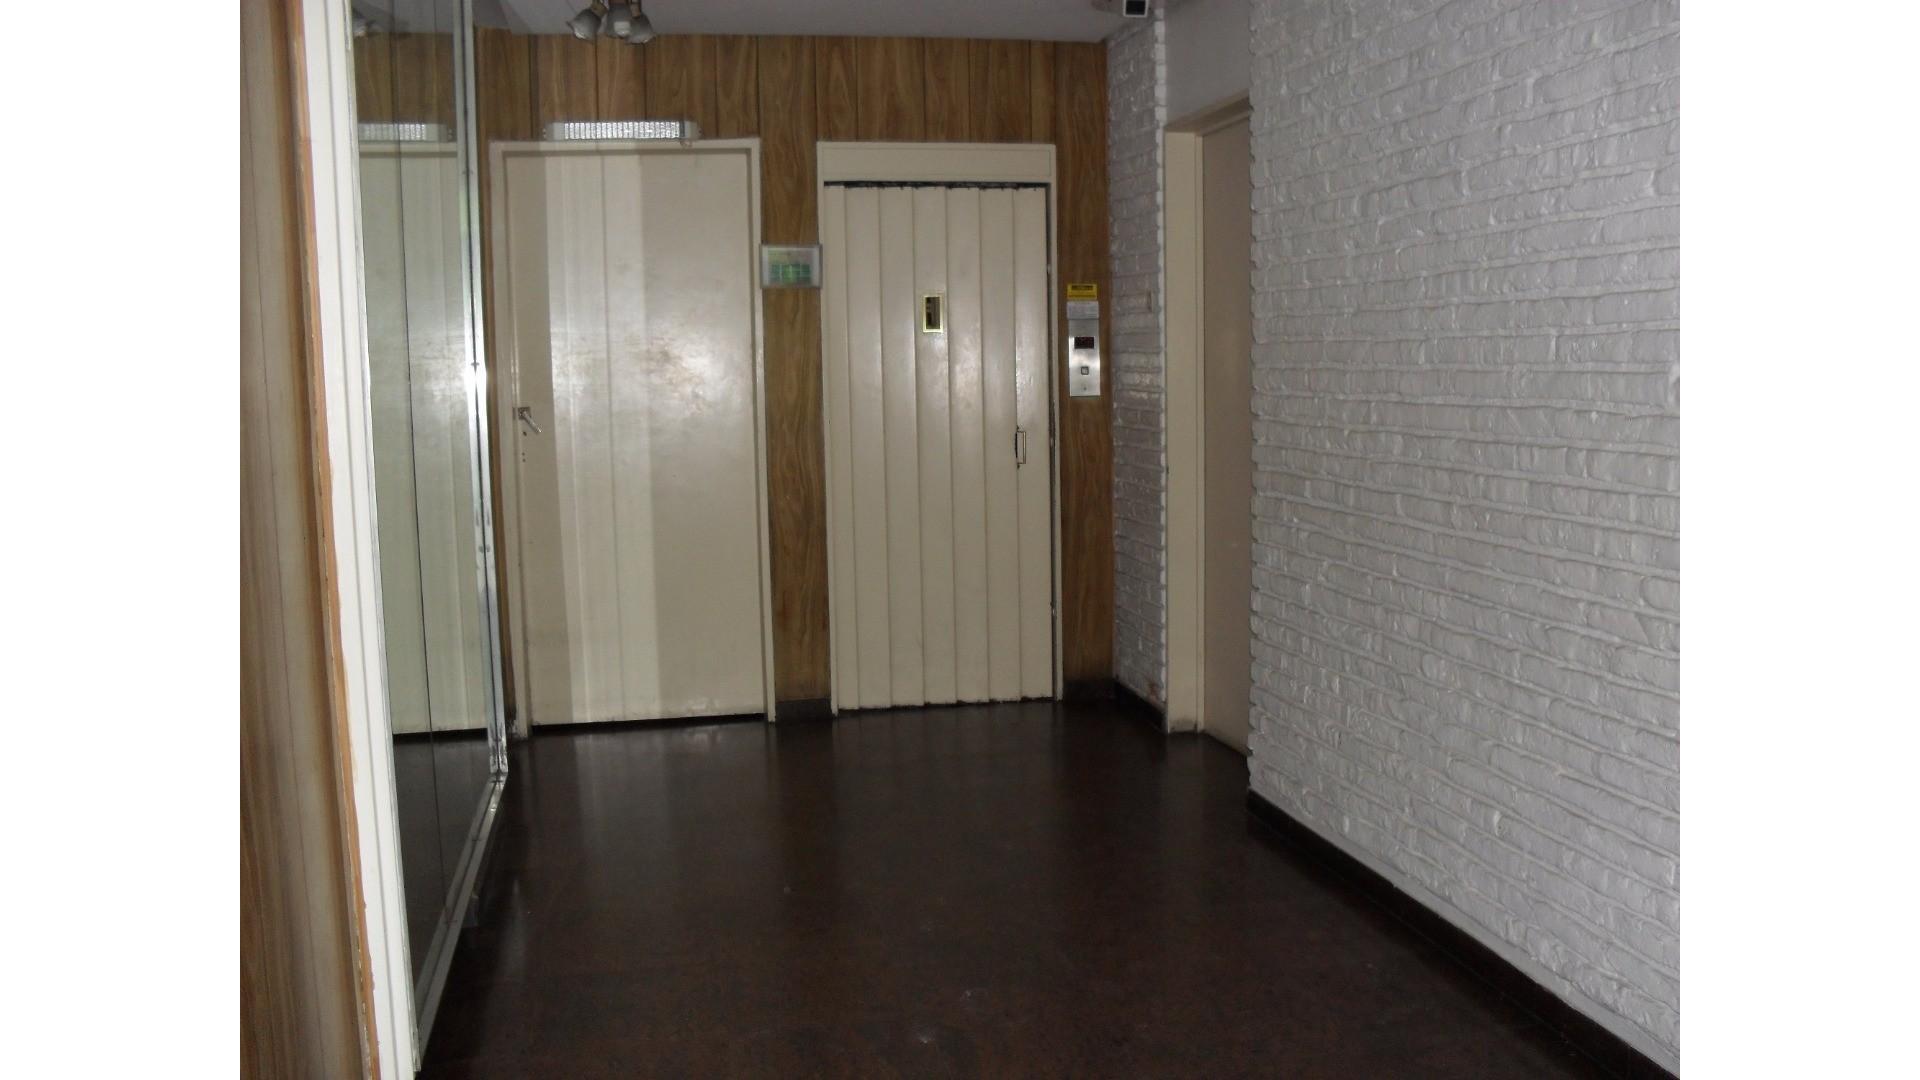 RESERVADO RESERVADO RESERVADOVendo departamento de 2 ambientes 4701-7118